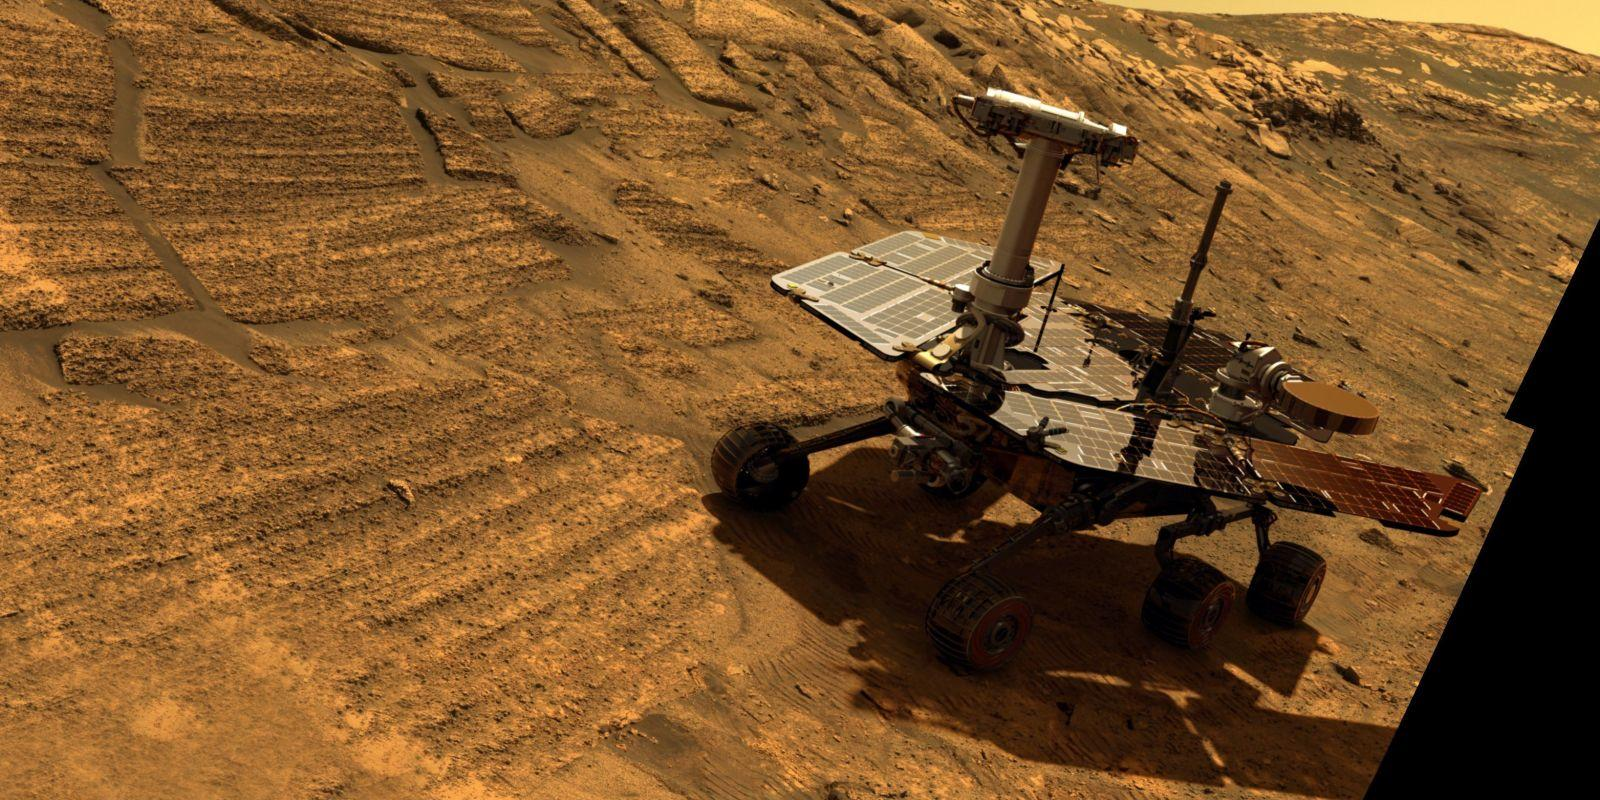 NASA publica primera foto del rover atrapado en Marte